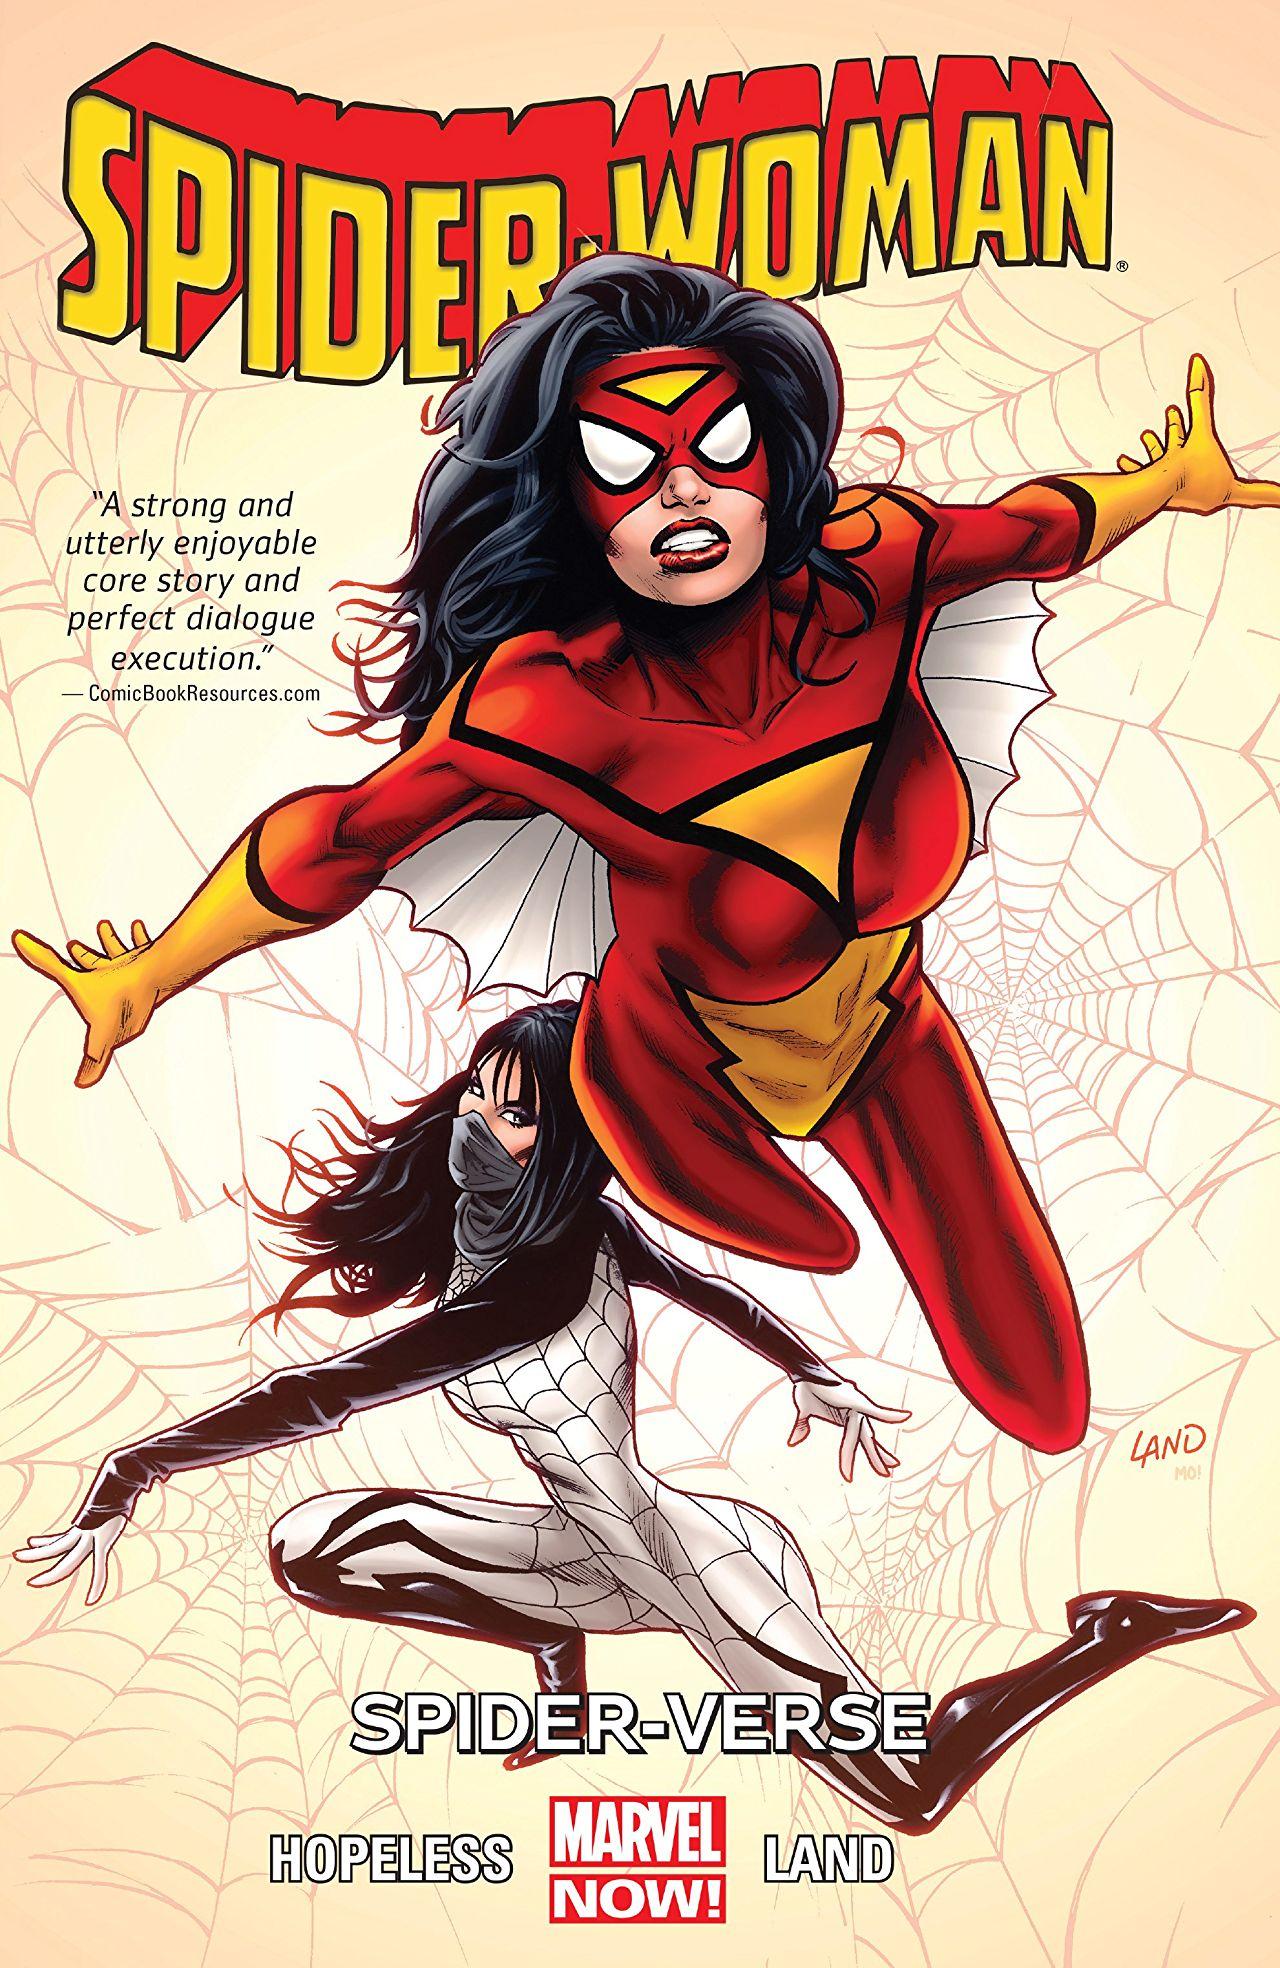 spider-woman.jpg